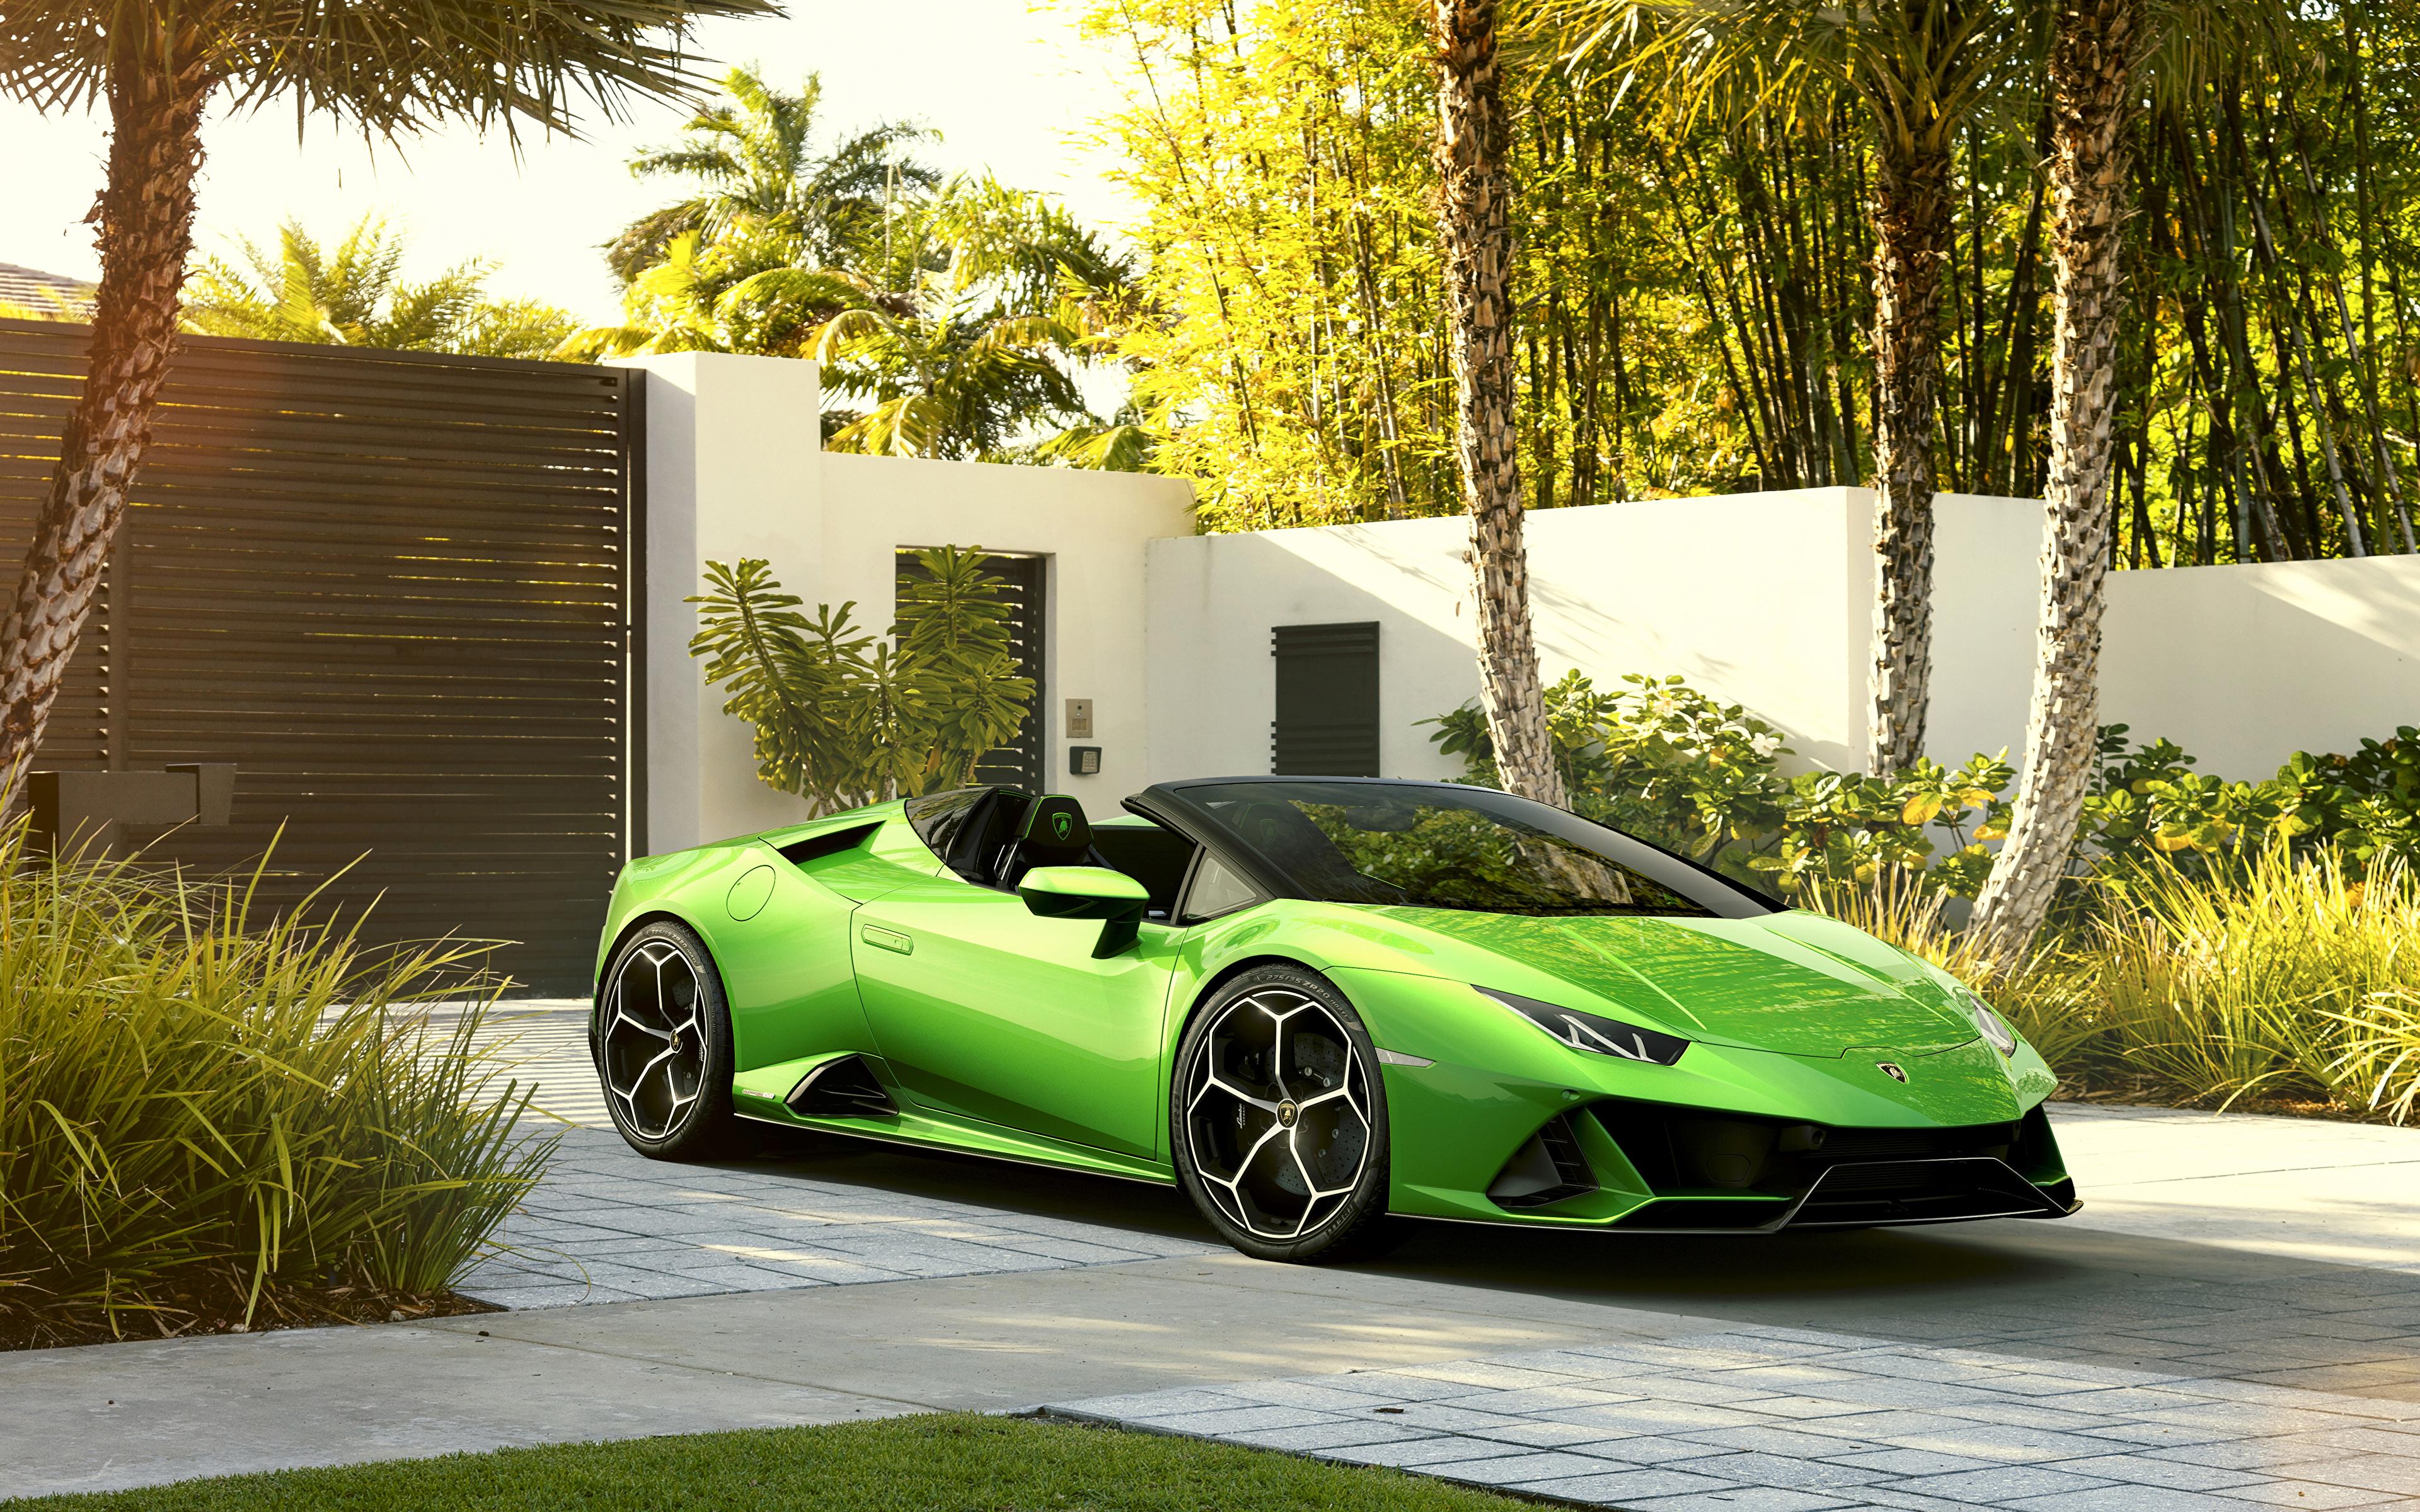 Фотографии Lamborghini 2019 Huracan EVO Spyder Родстер салатовая Металлик Автомобили 3840x2400 Ламборгини Салатовый салатовые желто зеленый авто машина машины автомобиль